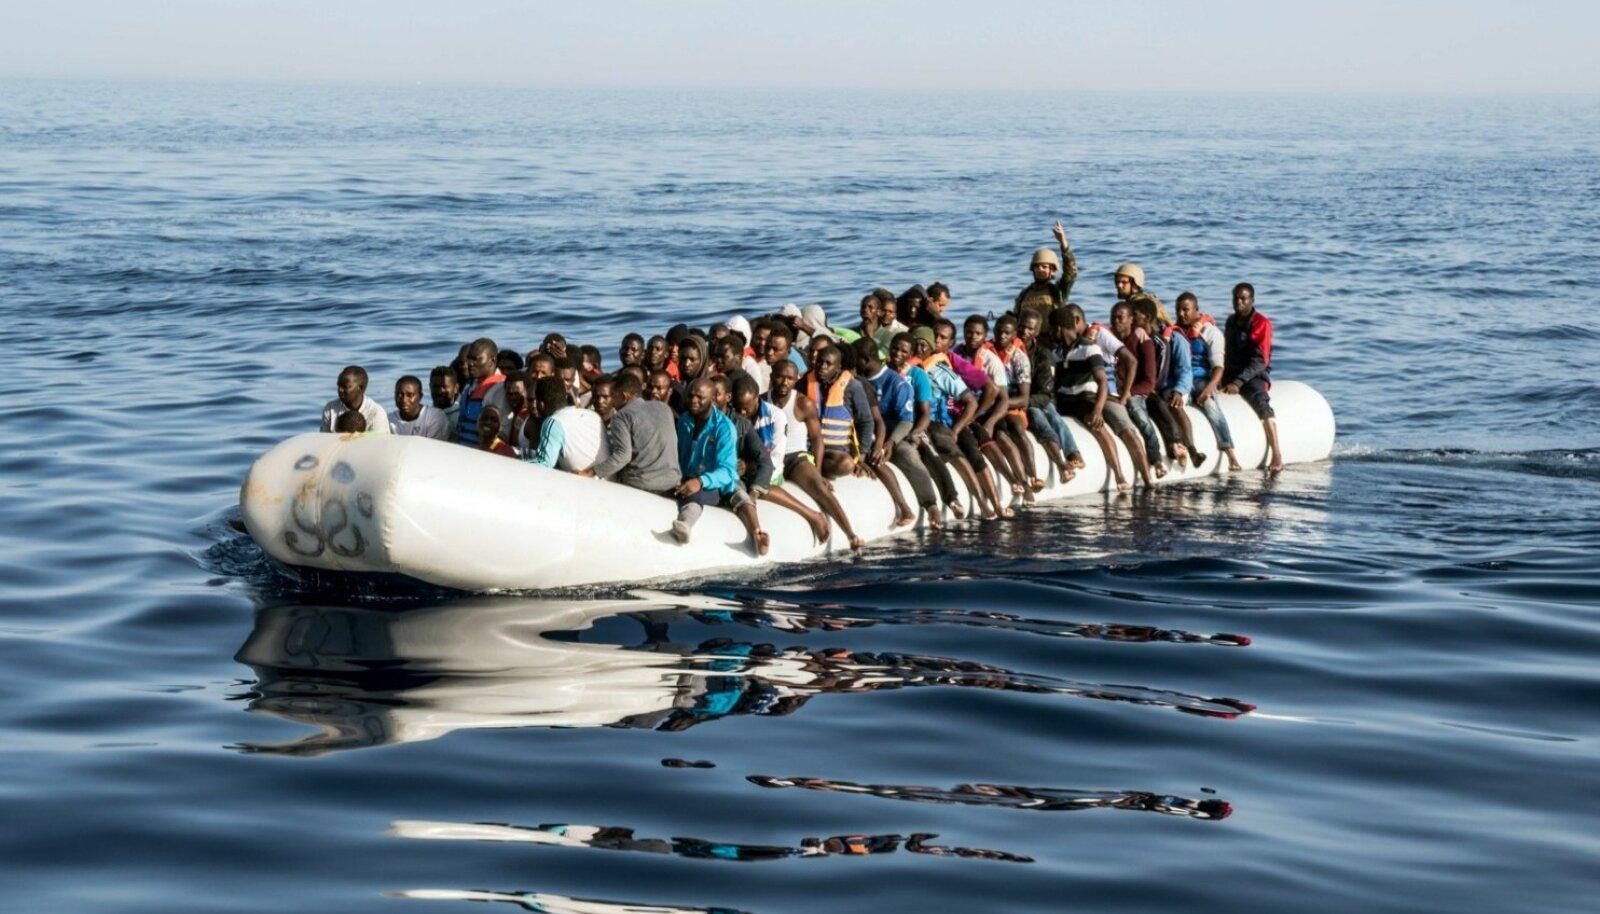 27. juunil päästeti Liibüa rannikul 147 põgenikku. Itaalia rannavalve teatel tuli seal viimase 48 tunni jooksul päästa üle 8000 inimese.